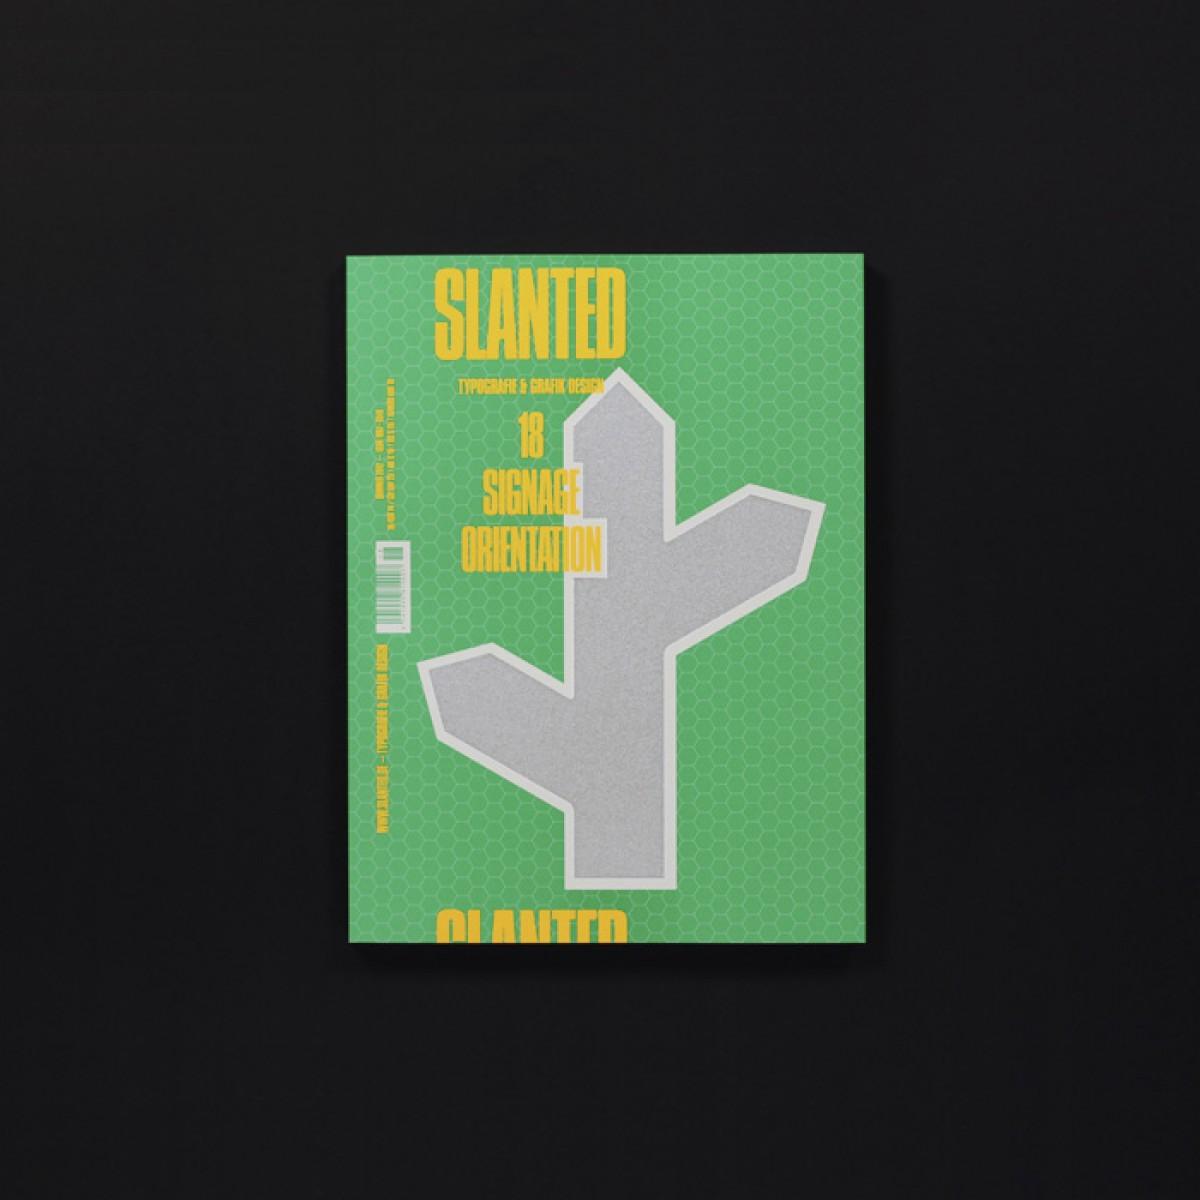 Slanted Magazin #18 Signage/Orientation